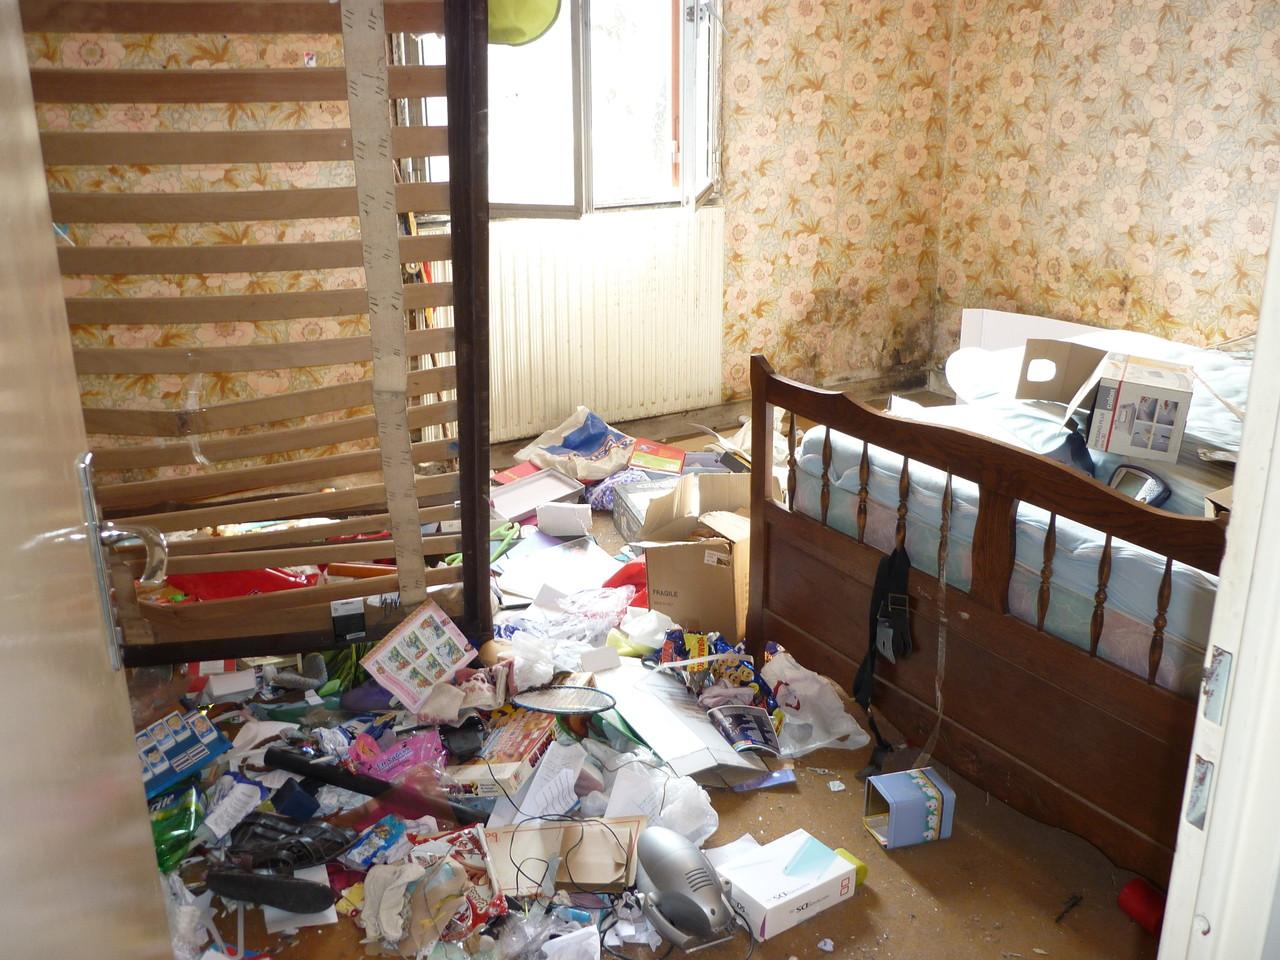 débarras d'une chambre à Gray, Haute Saône, 70, AVANT INTERVENTION....... entreprise de déblaiement-débarras AHLEN